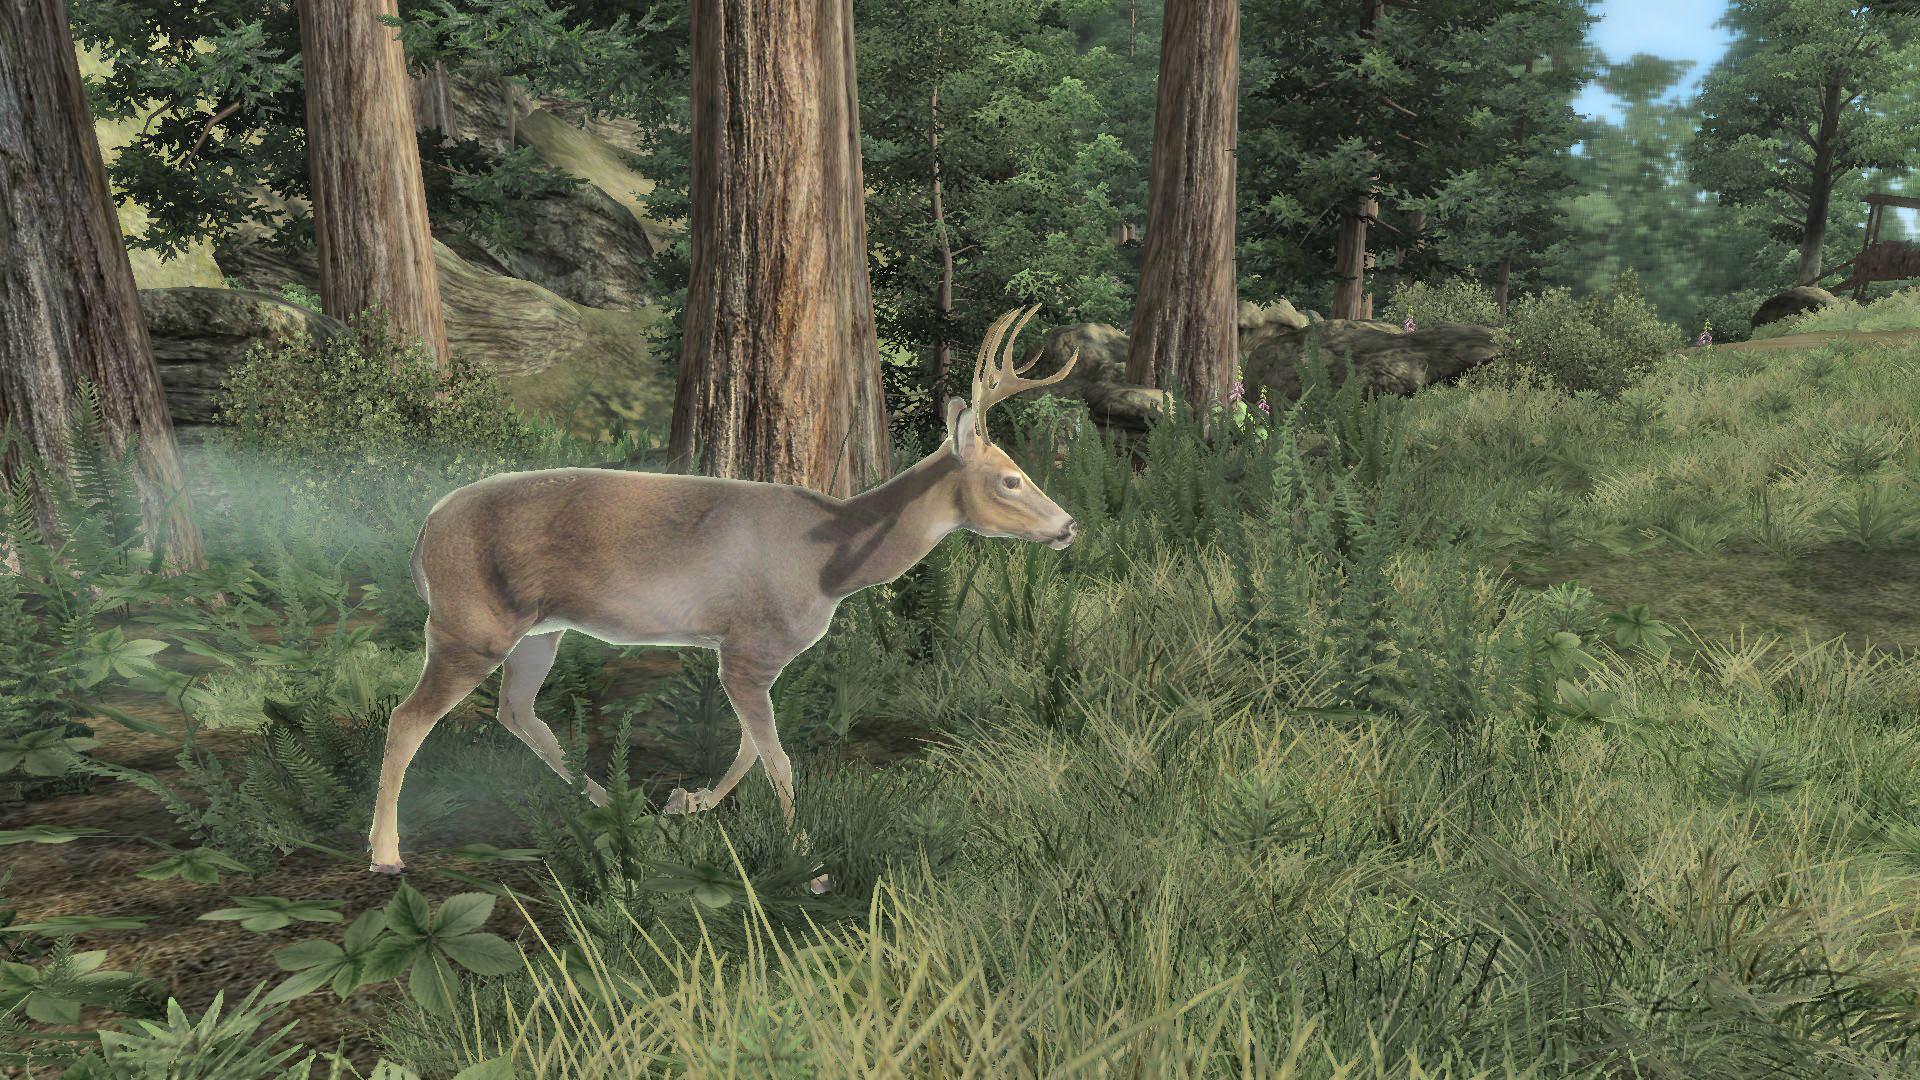 Diseased Deer